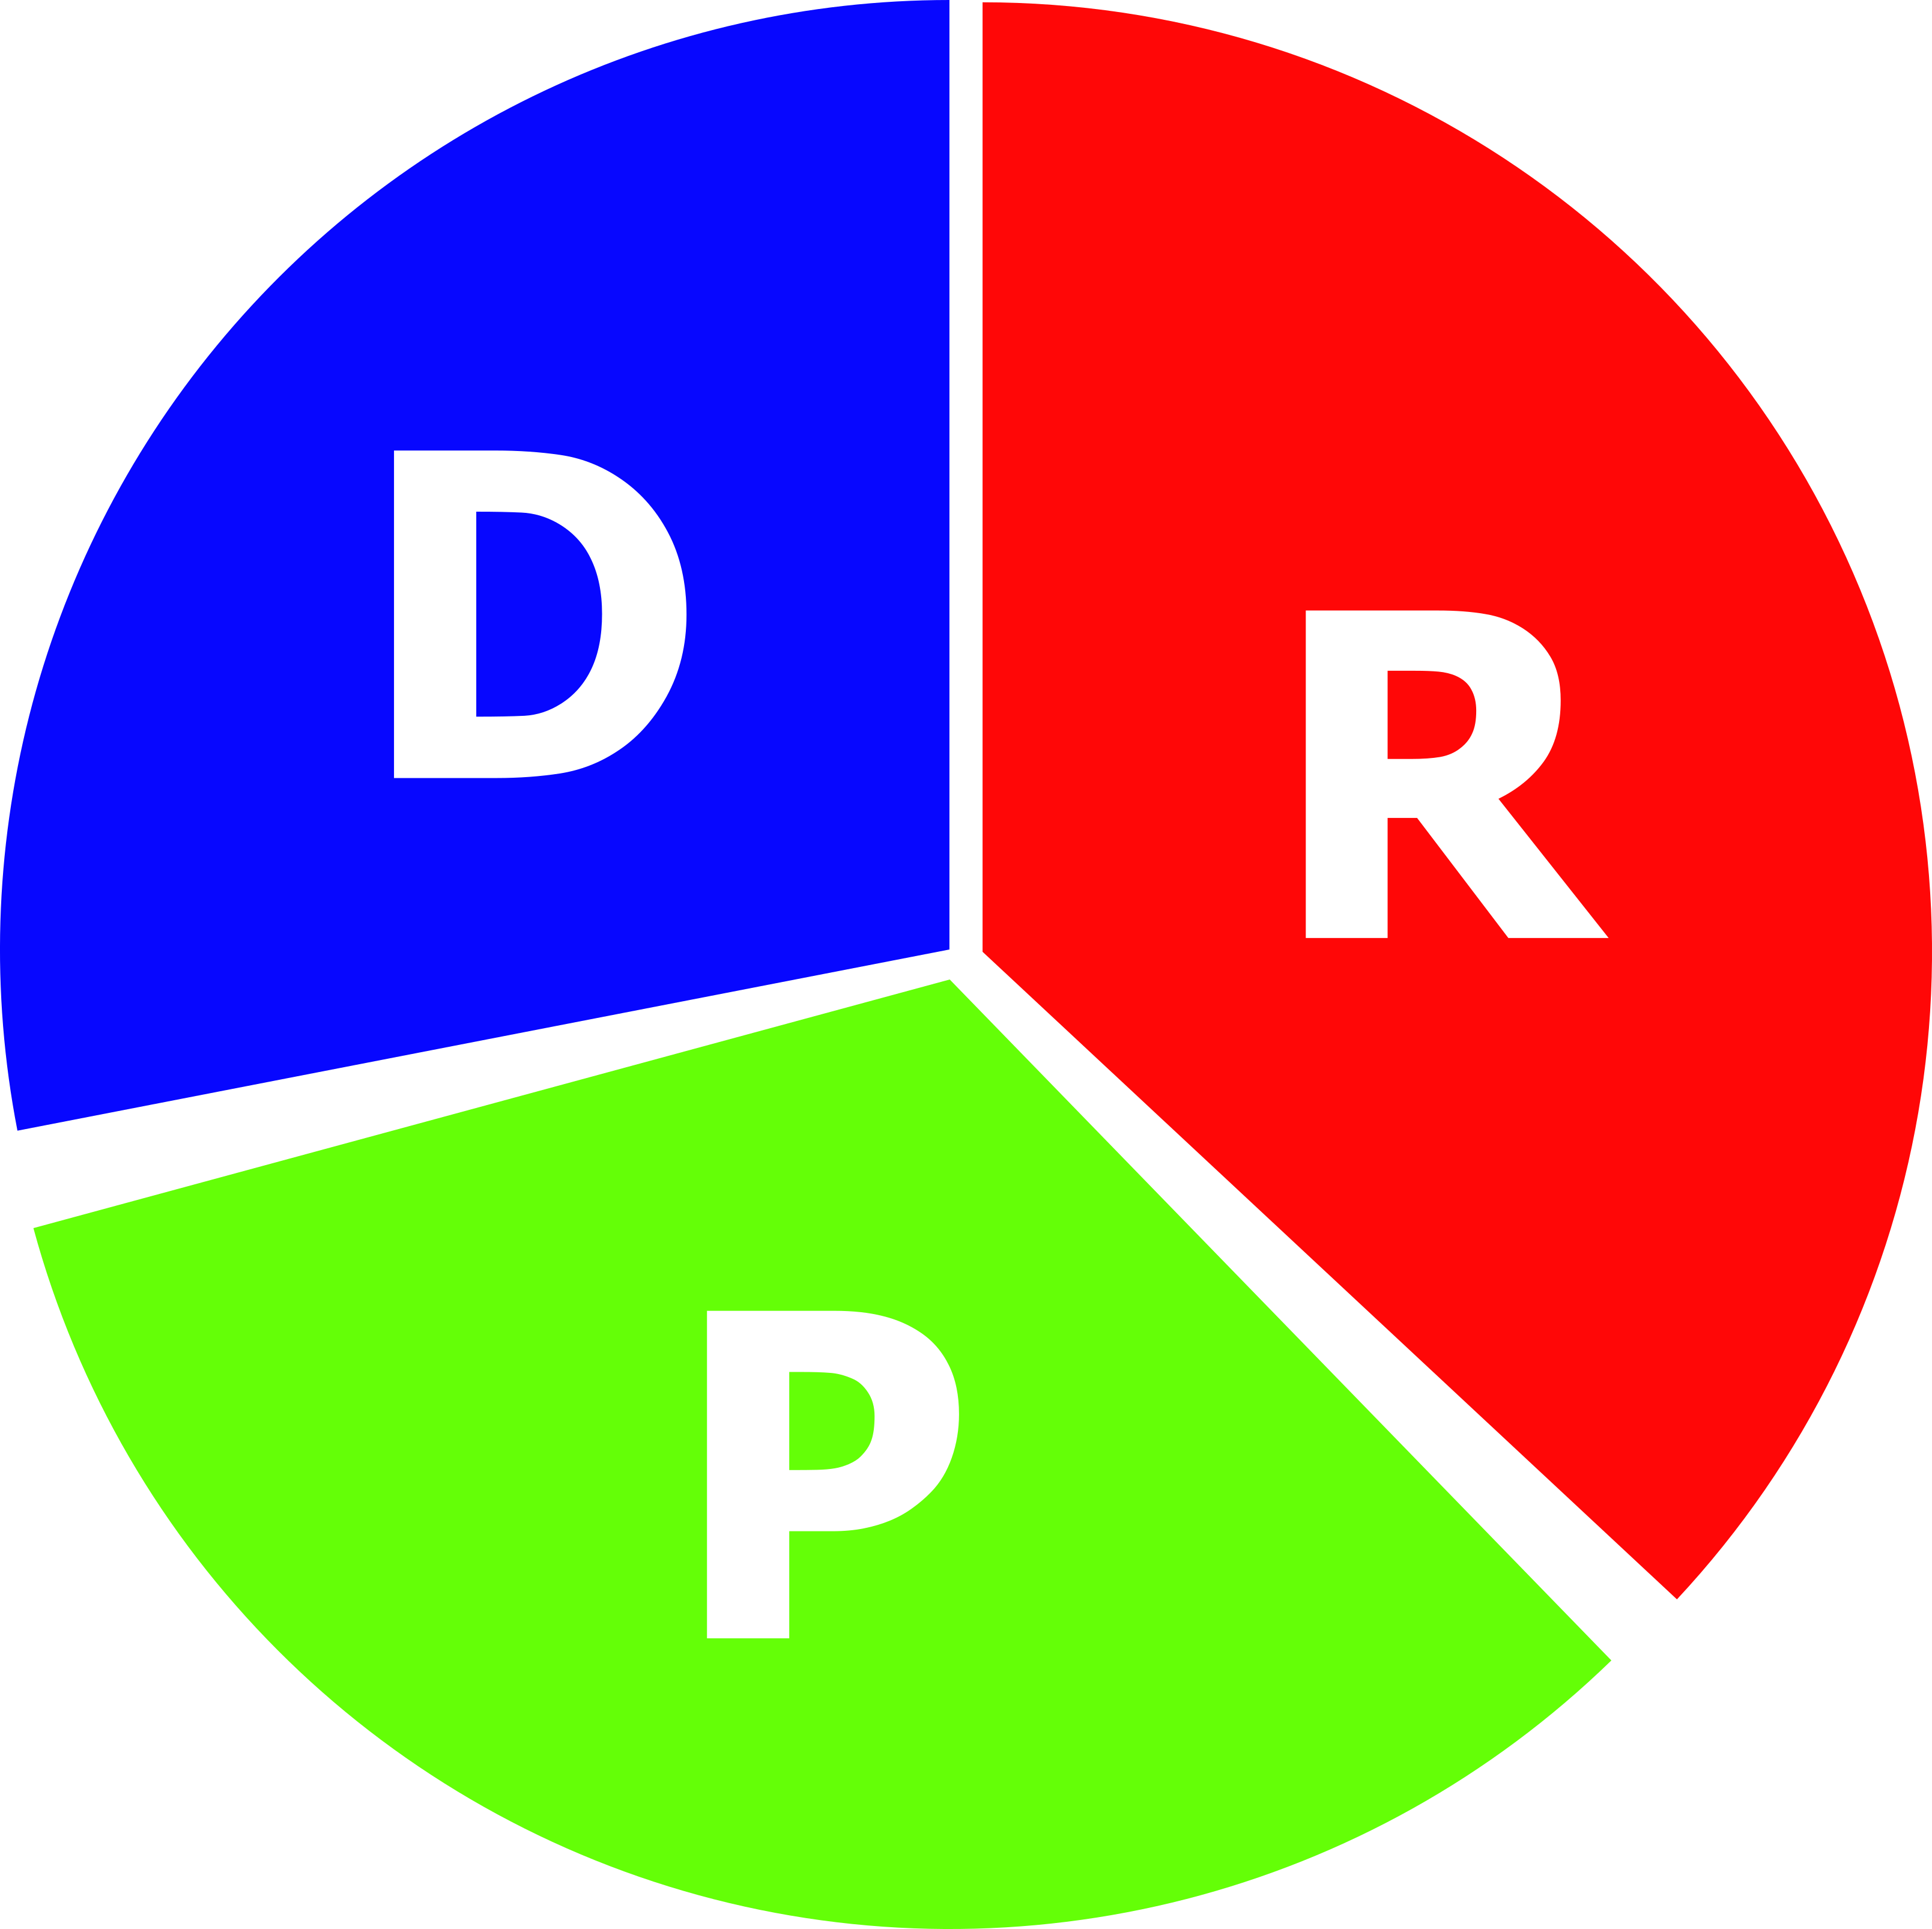 pie chart burlington